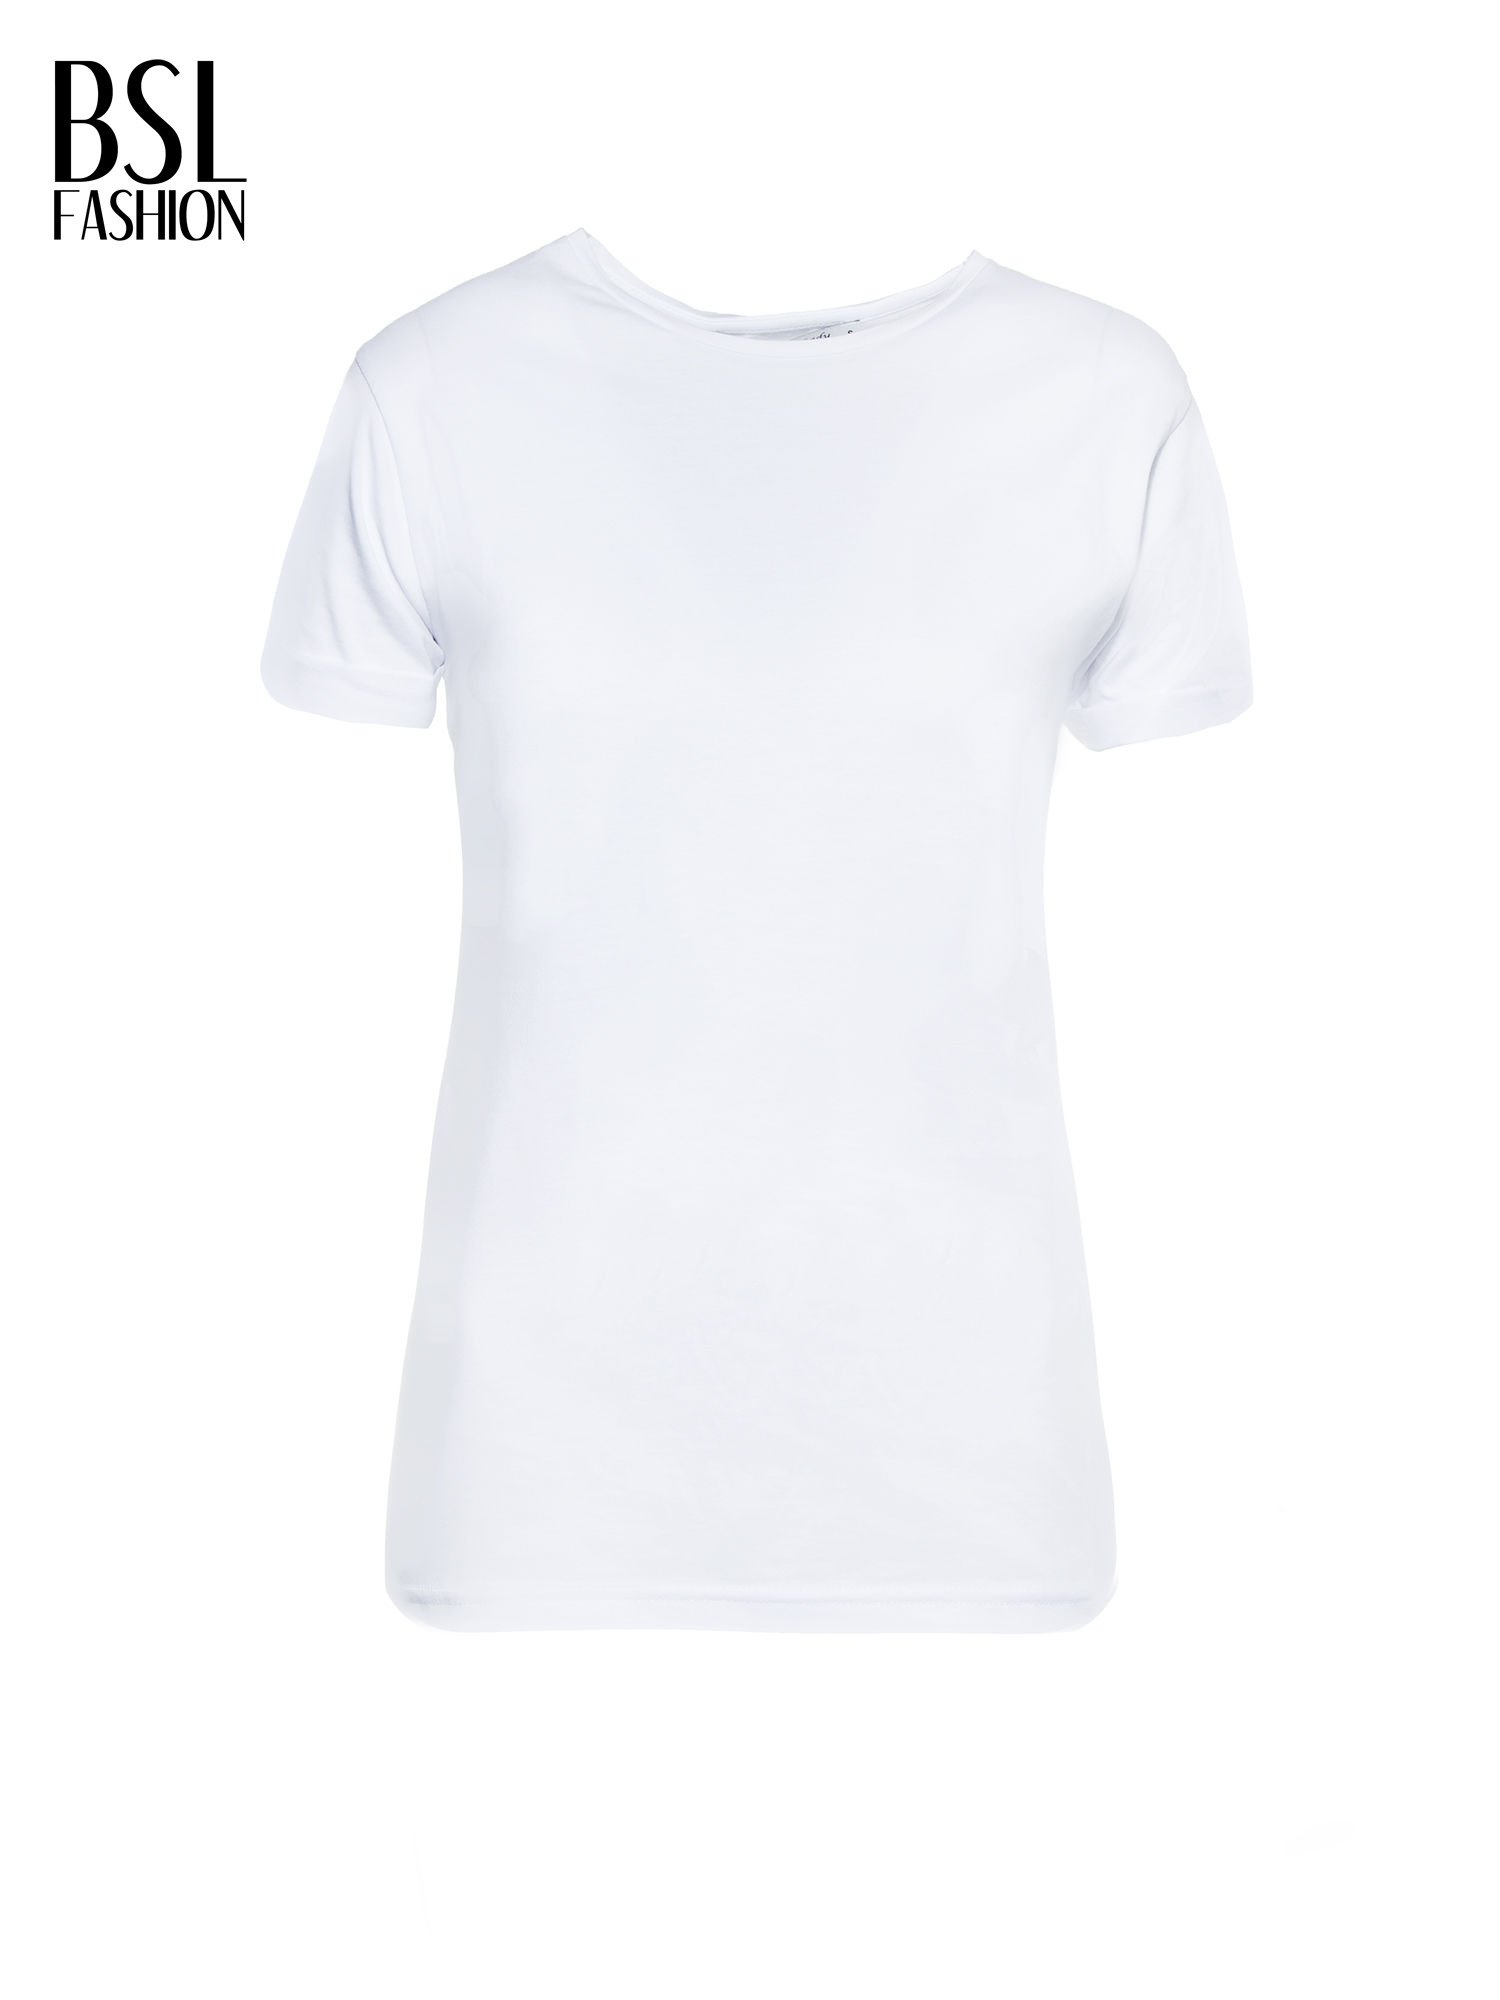 Biały t-shirt z nadrukiem numerycznym KAWAKUBO 42 z tyłu                                   zdj.                                  2